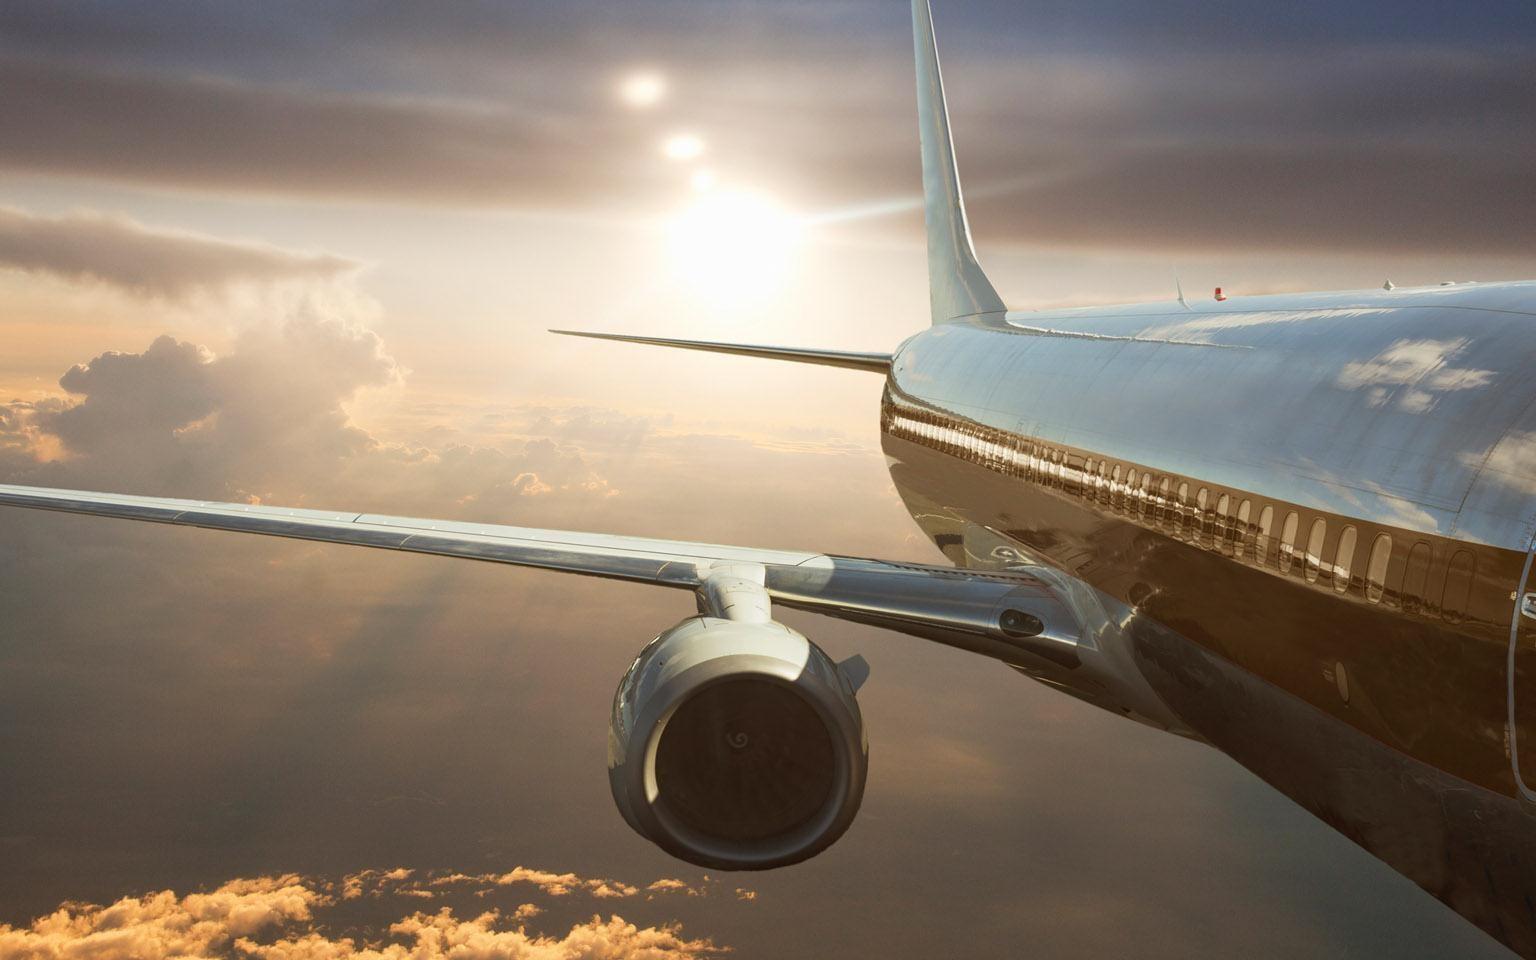 پرواز اتصالی آنلاین چیست؟